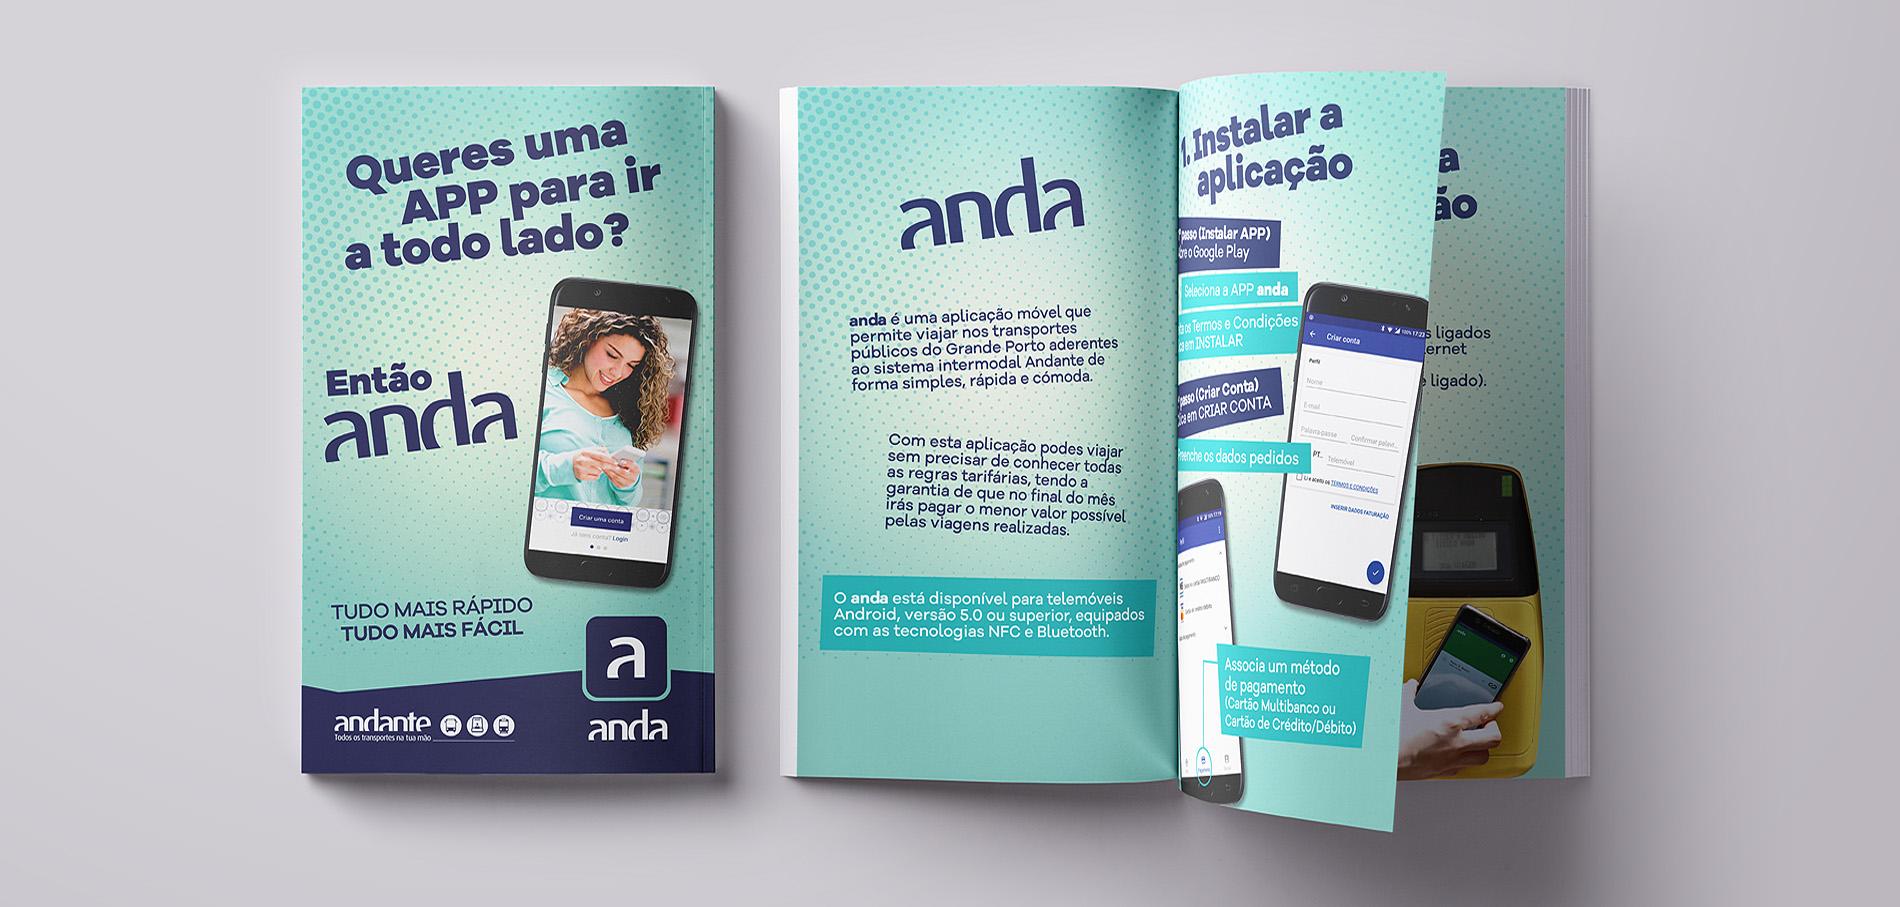 Aplicação anda_campanha de comunicação 02